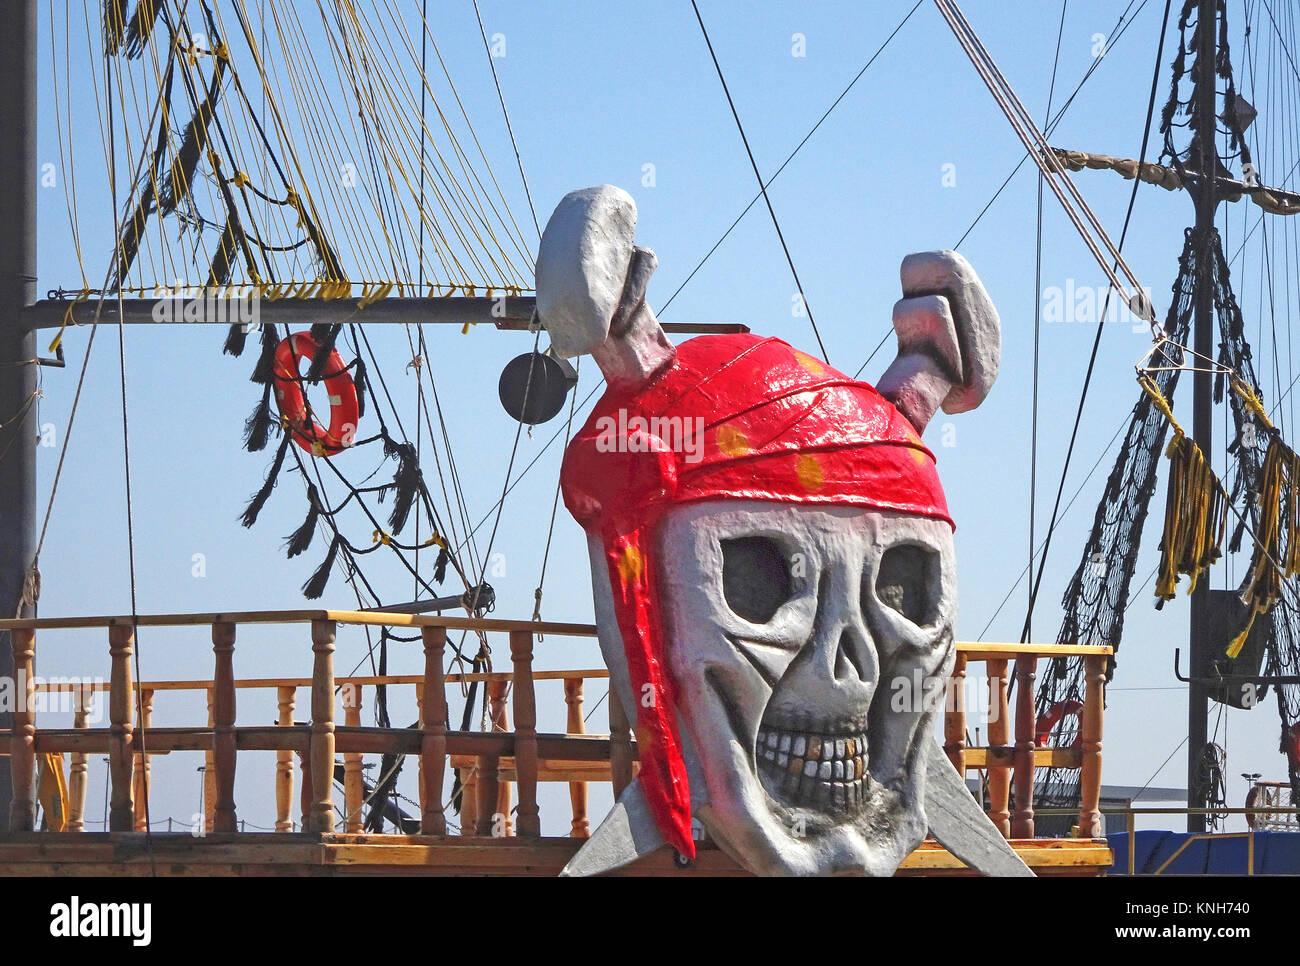 Ausflug Schiff mit Piraten Optik am Hafen von Alanya, Türkische Riviera, Türkei Stockbild